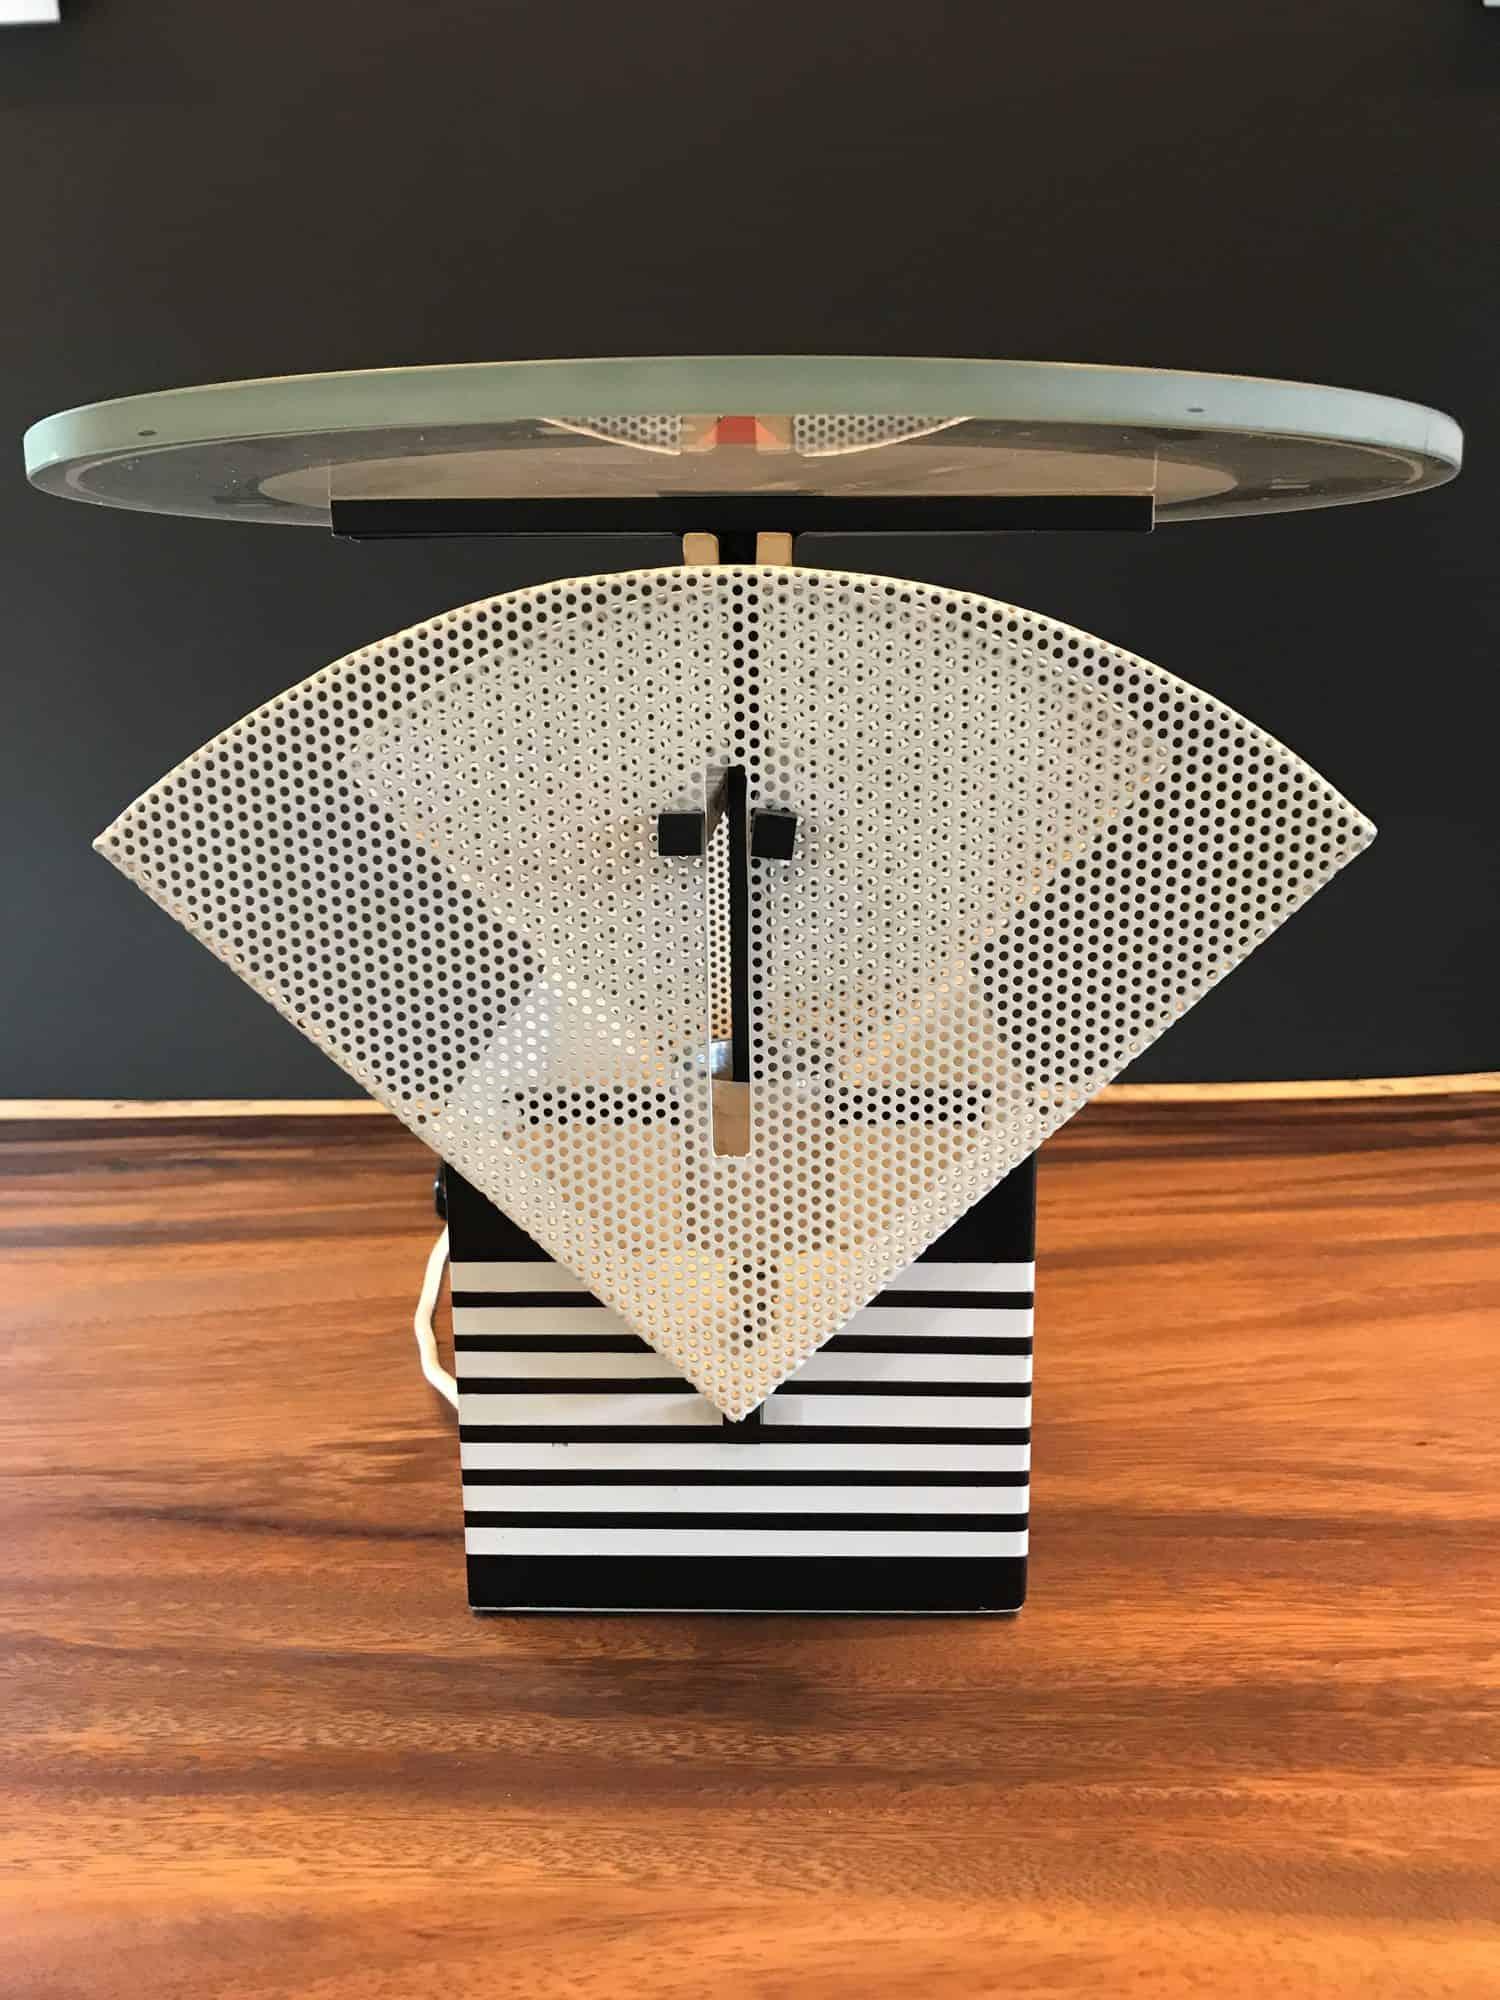 Detail afbeelding 1 van Licht object | Ontwerp door architect Patrick Strackx